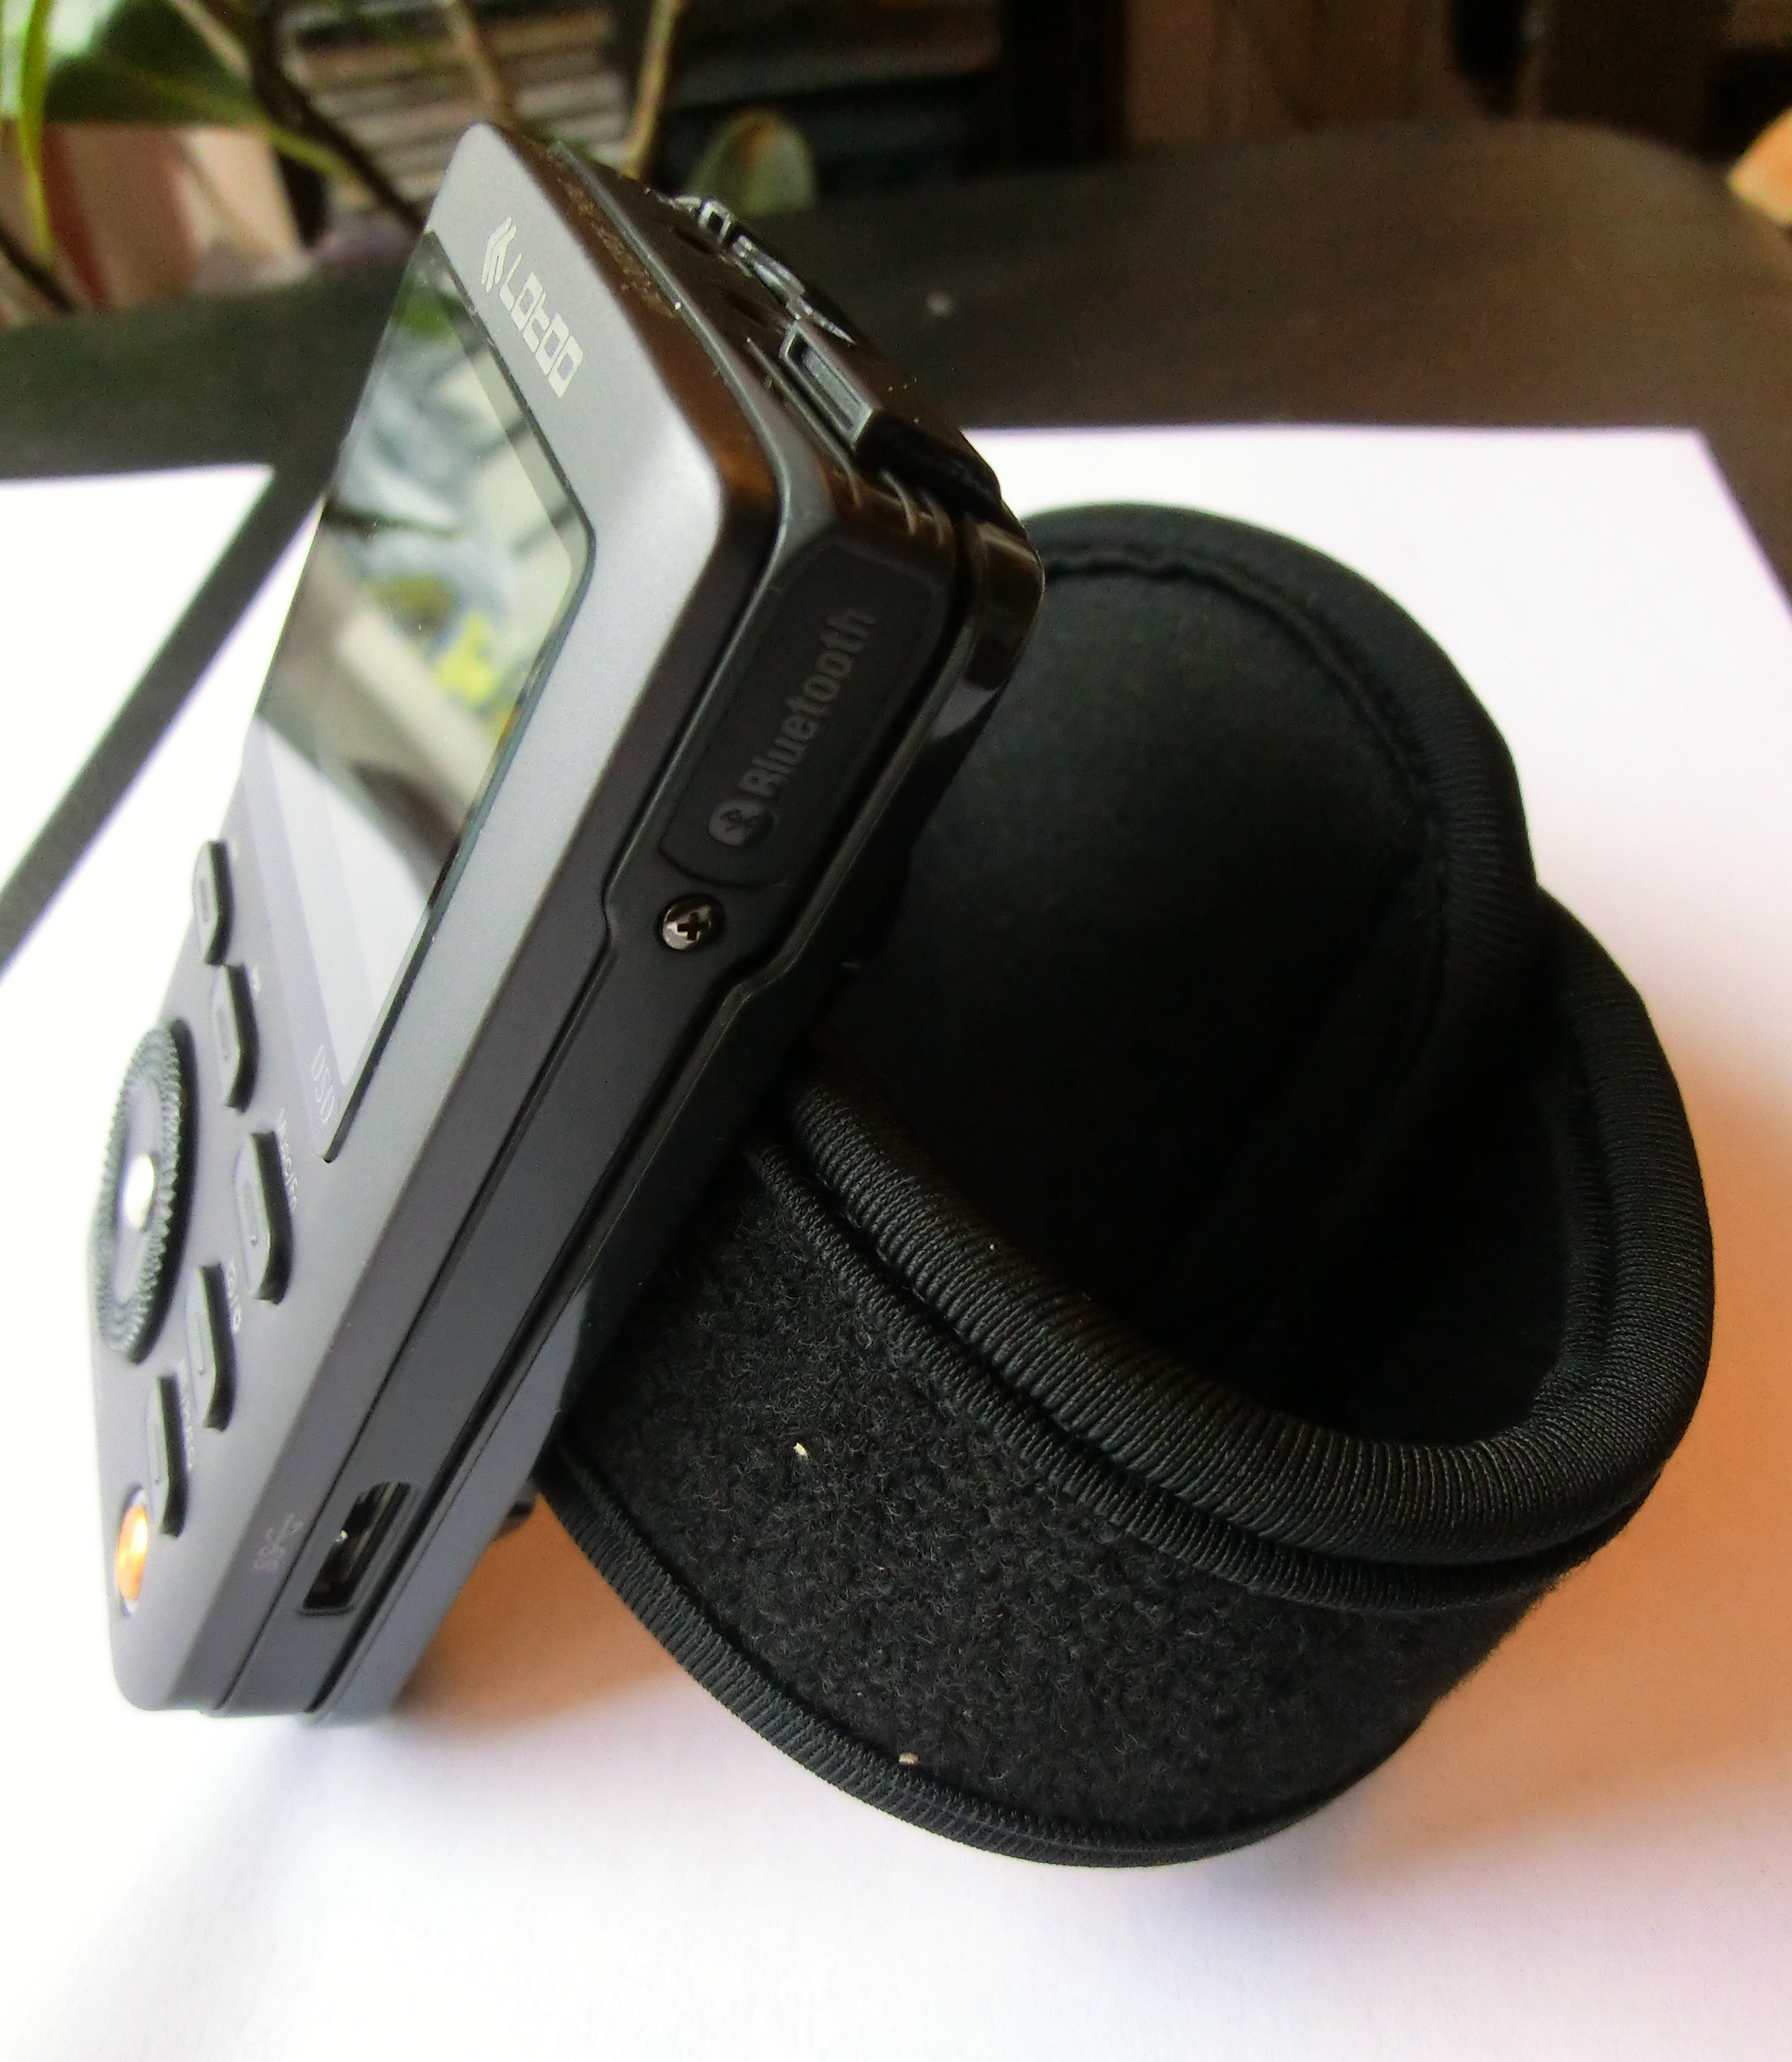 Lotoo - Velcro